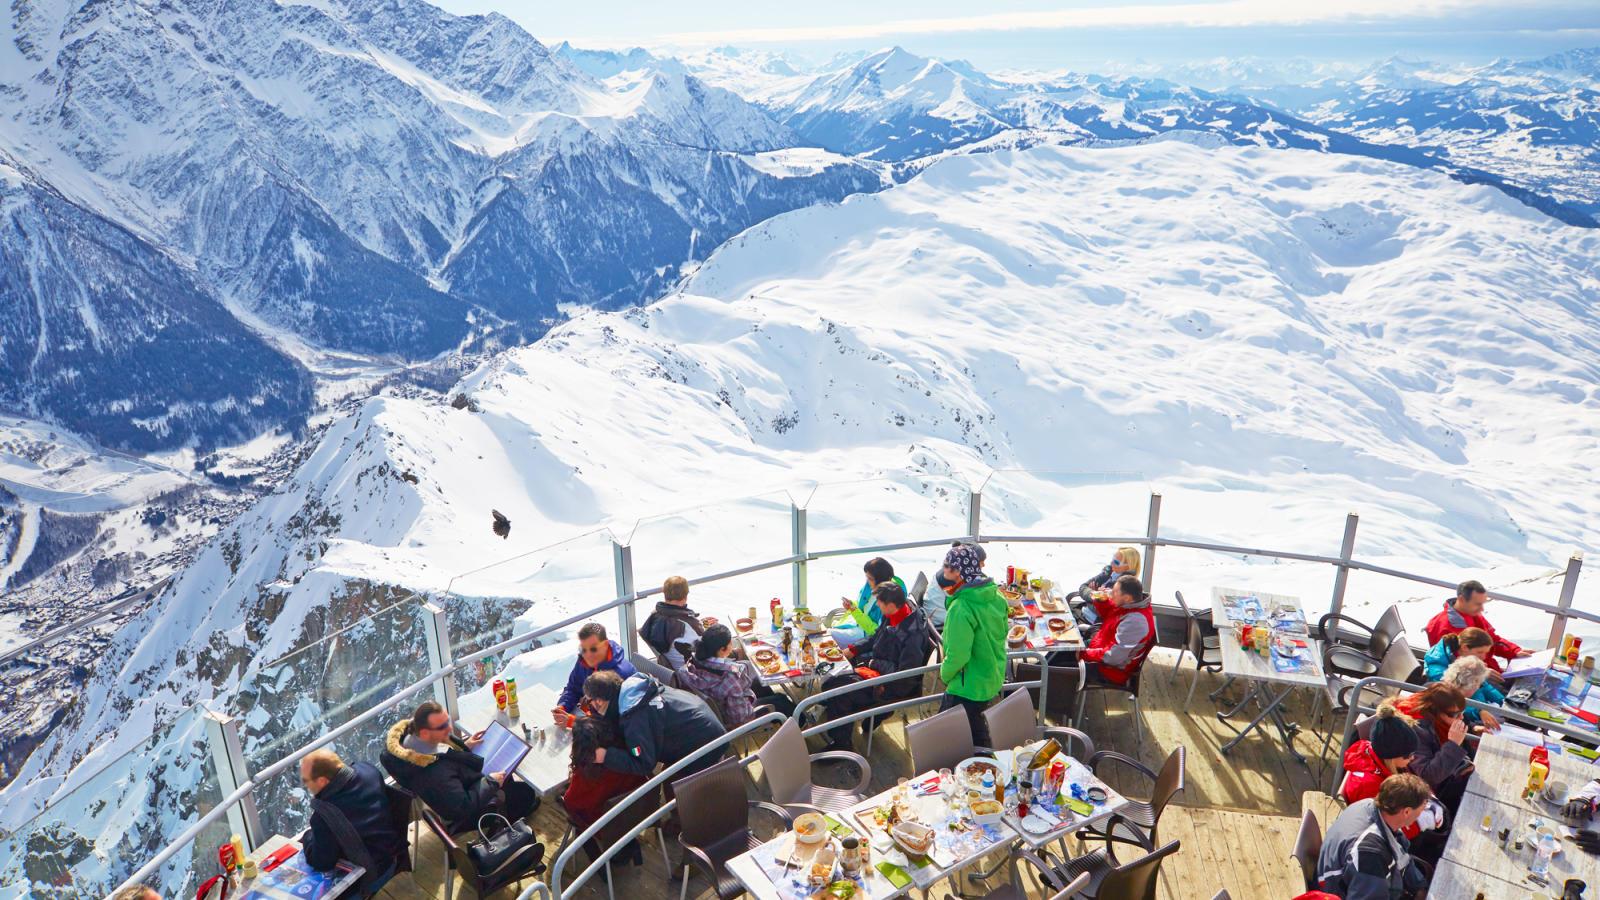 Chamonix Ski Chamonix Ski Deals